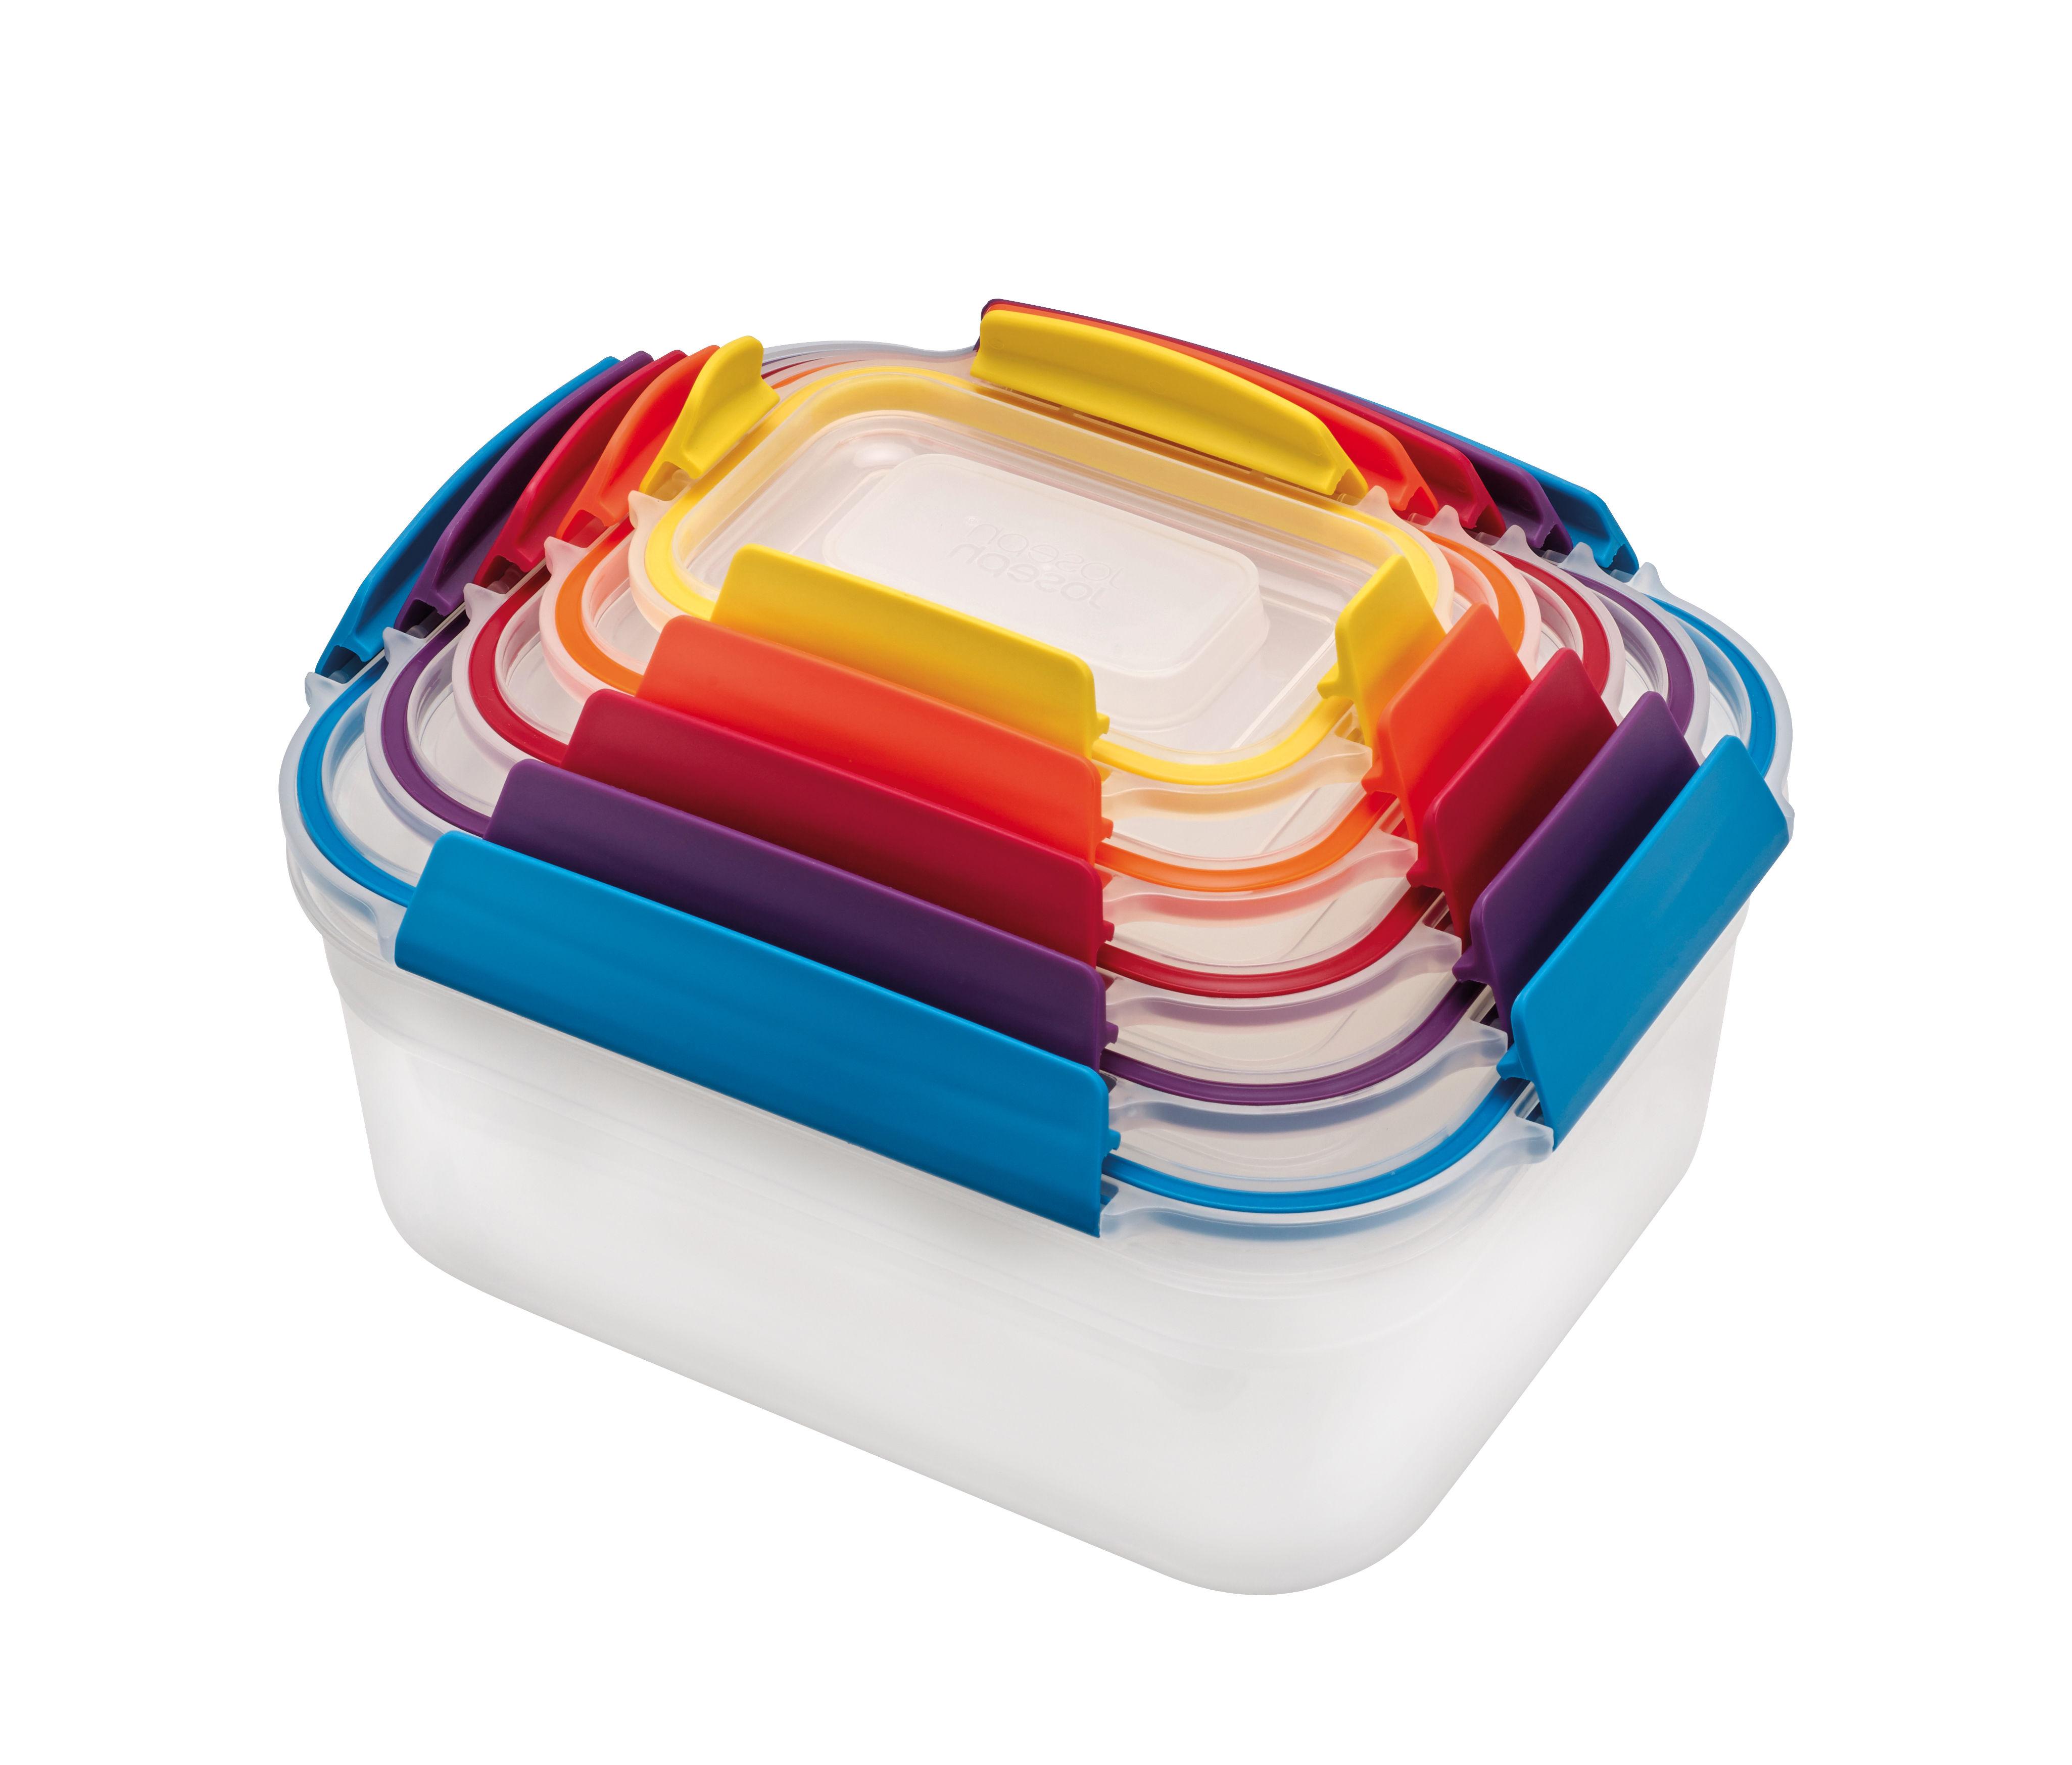 Cucina - Lattine, Pentole e Vasi - Contenitore ermetico Nest Lock - / Set da 5 sovrapponibili - Multi-dimensioni di Joseph Joseph - 5 scatole / Multicolore - Plastique sans BPA